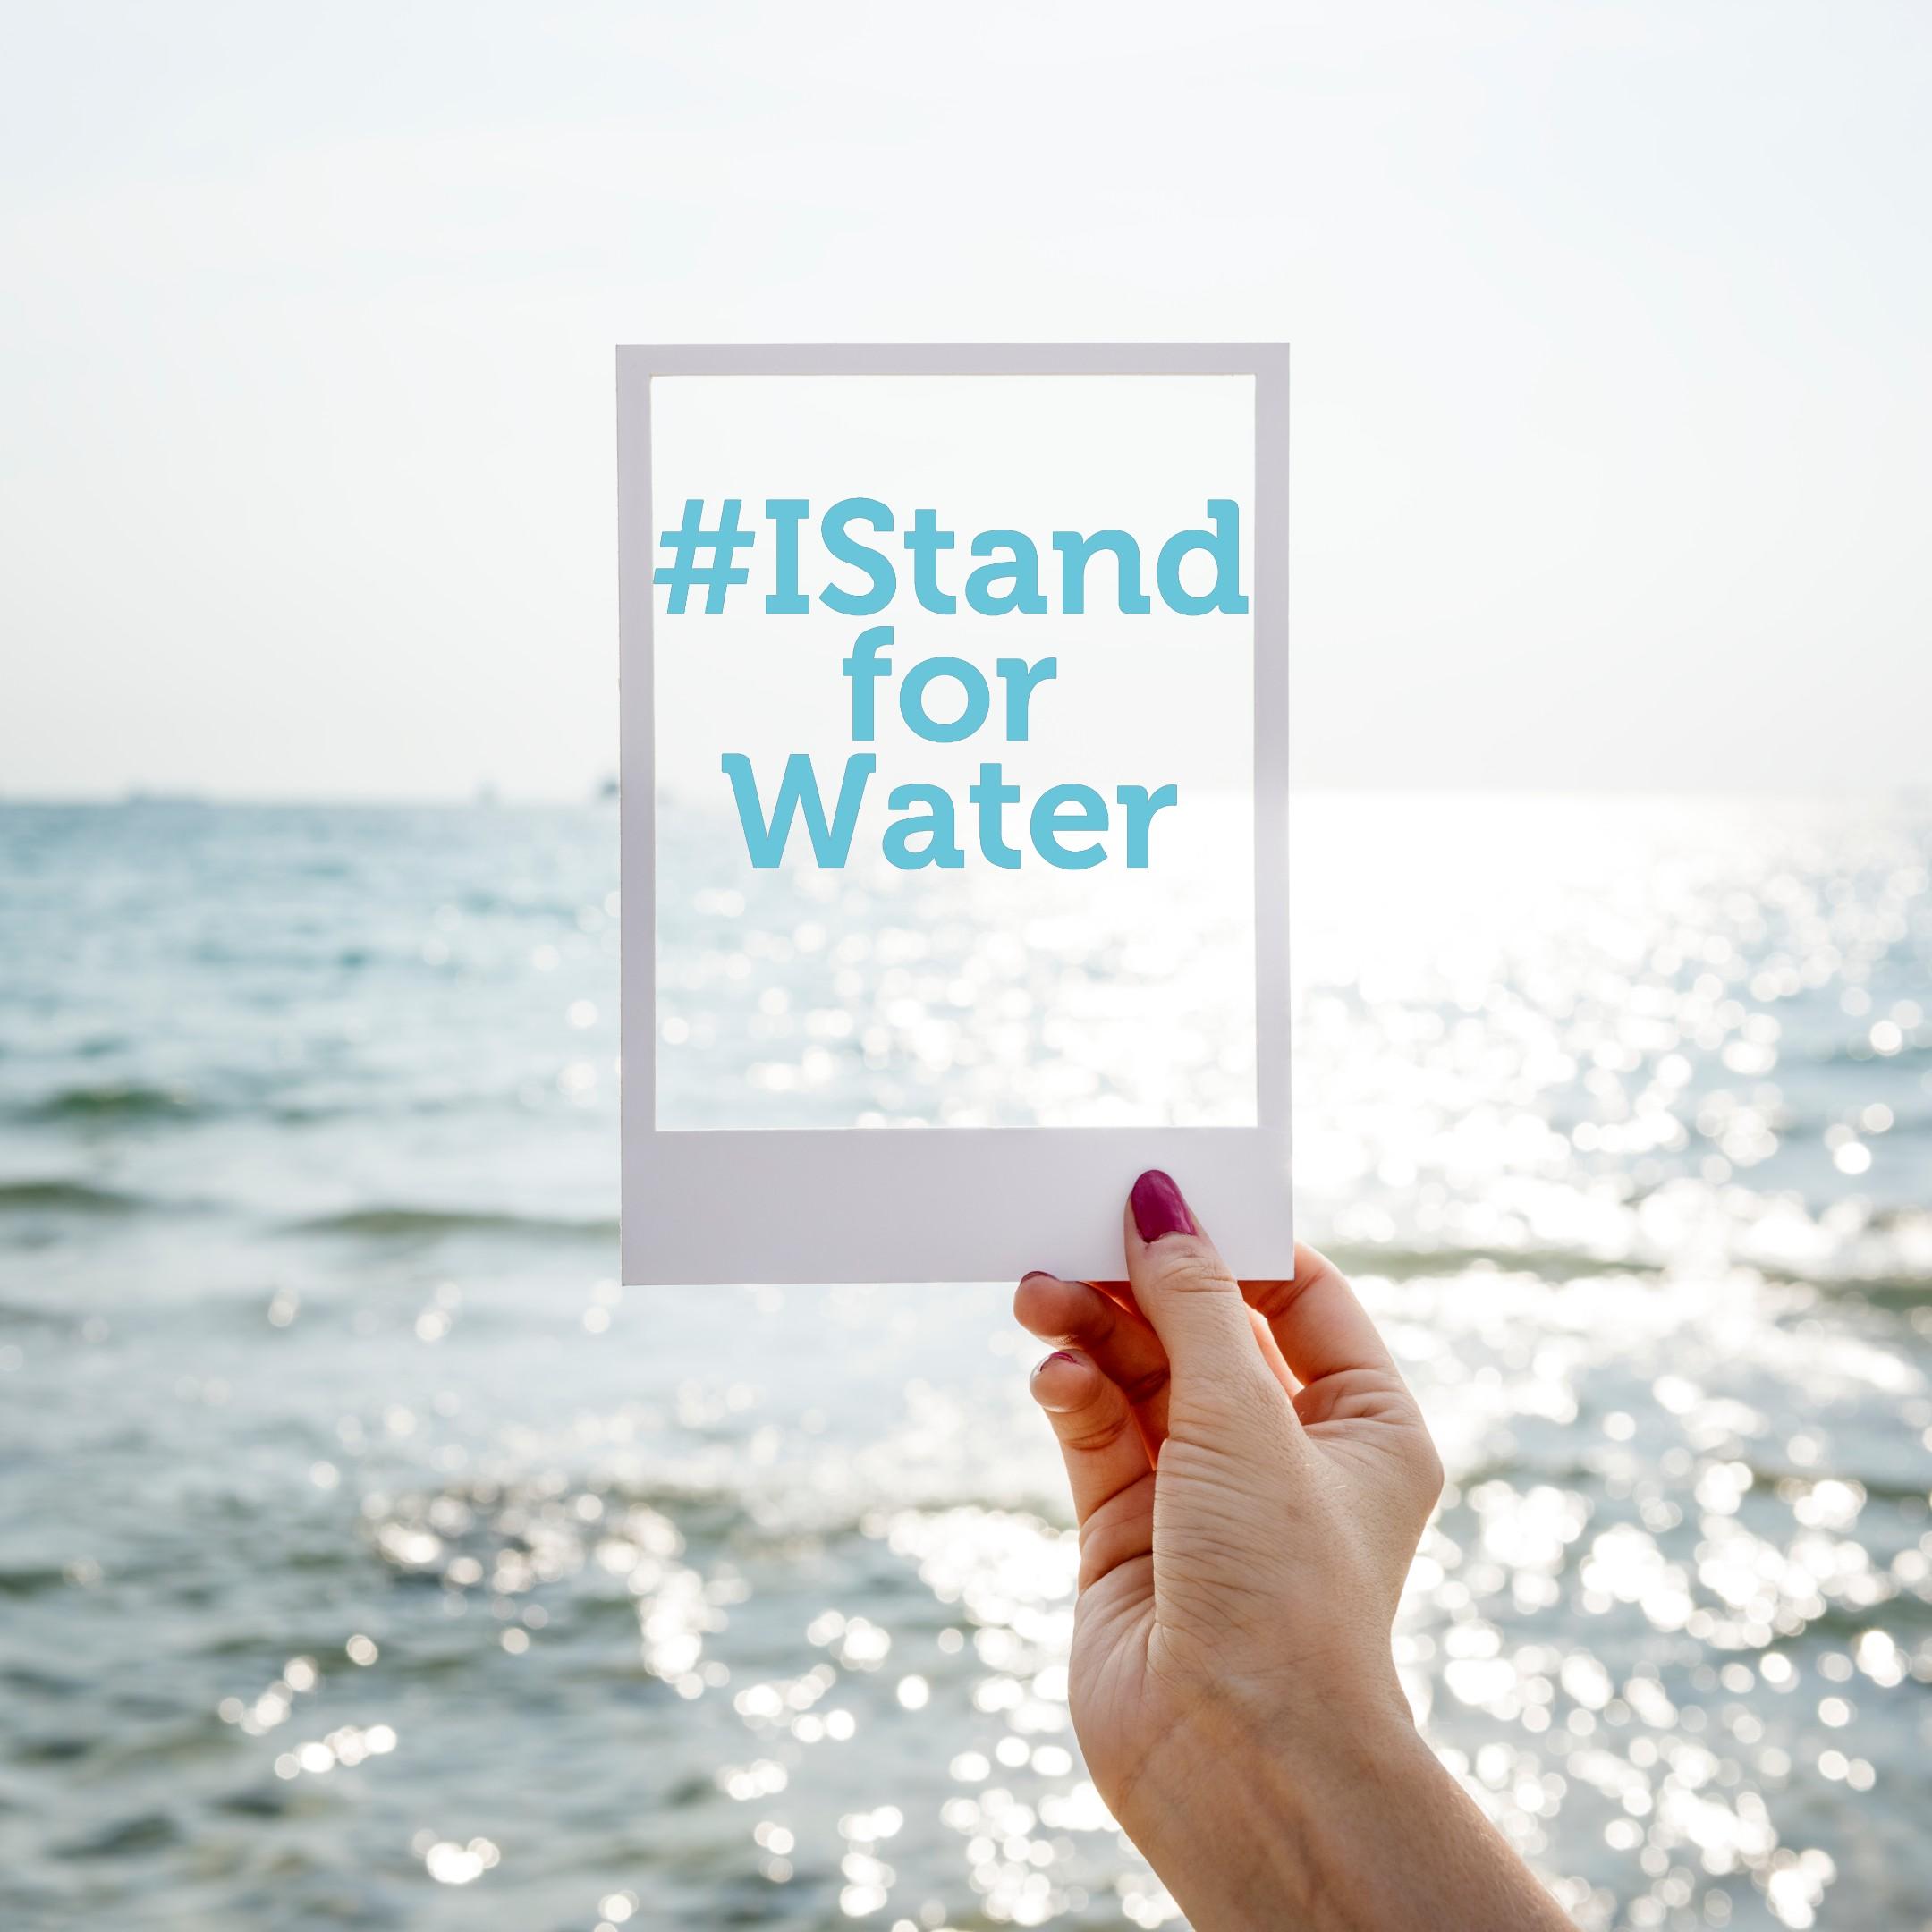 #IstandforWater: engagez-vous pour l'eau et montrez-le